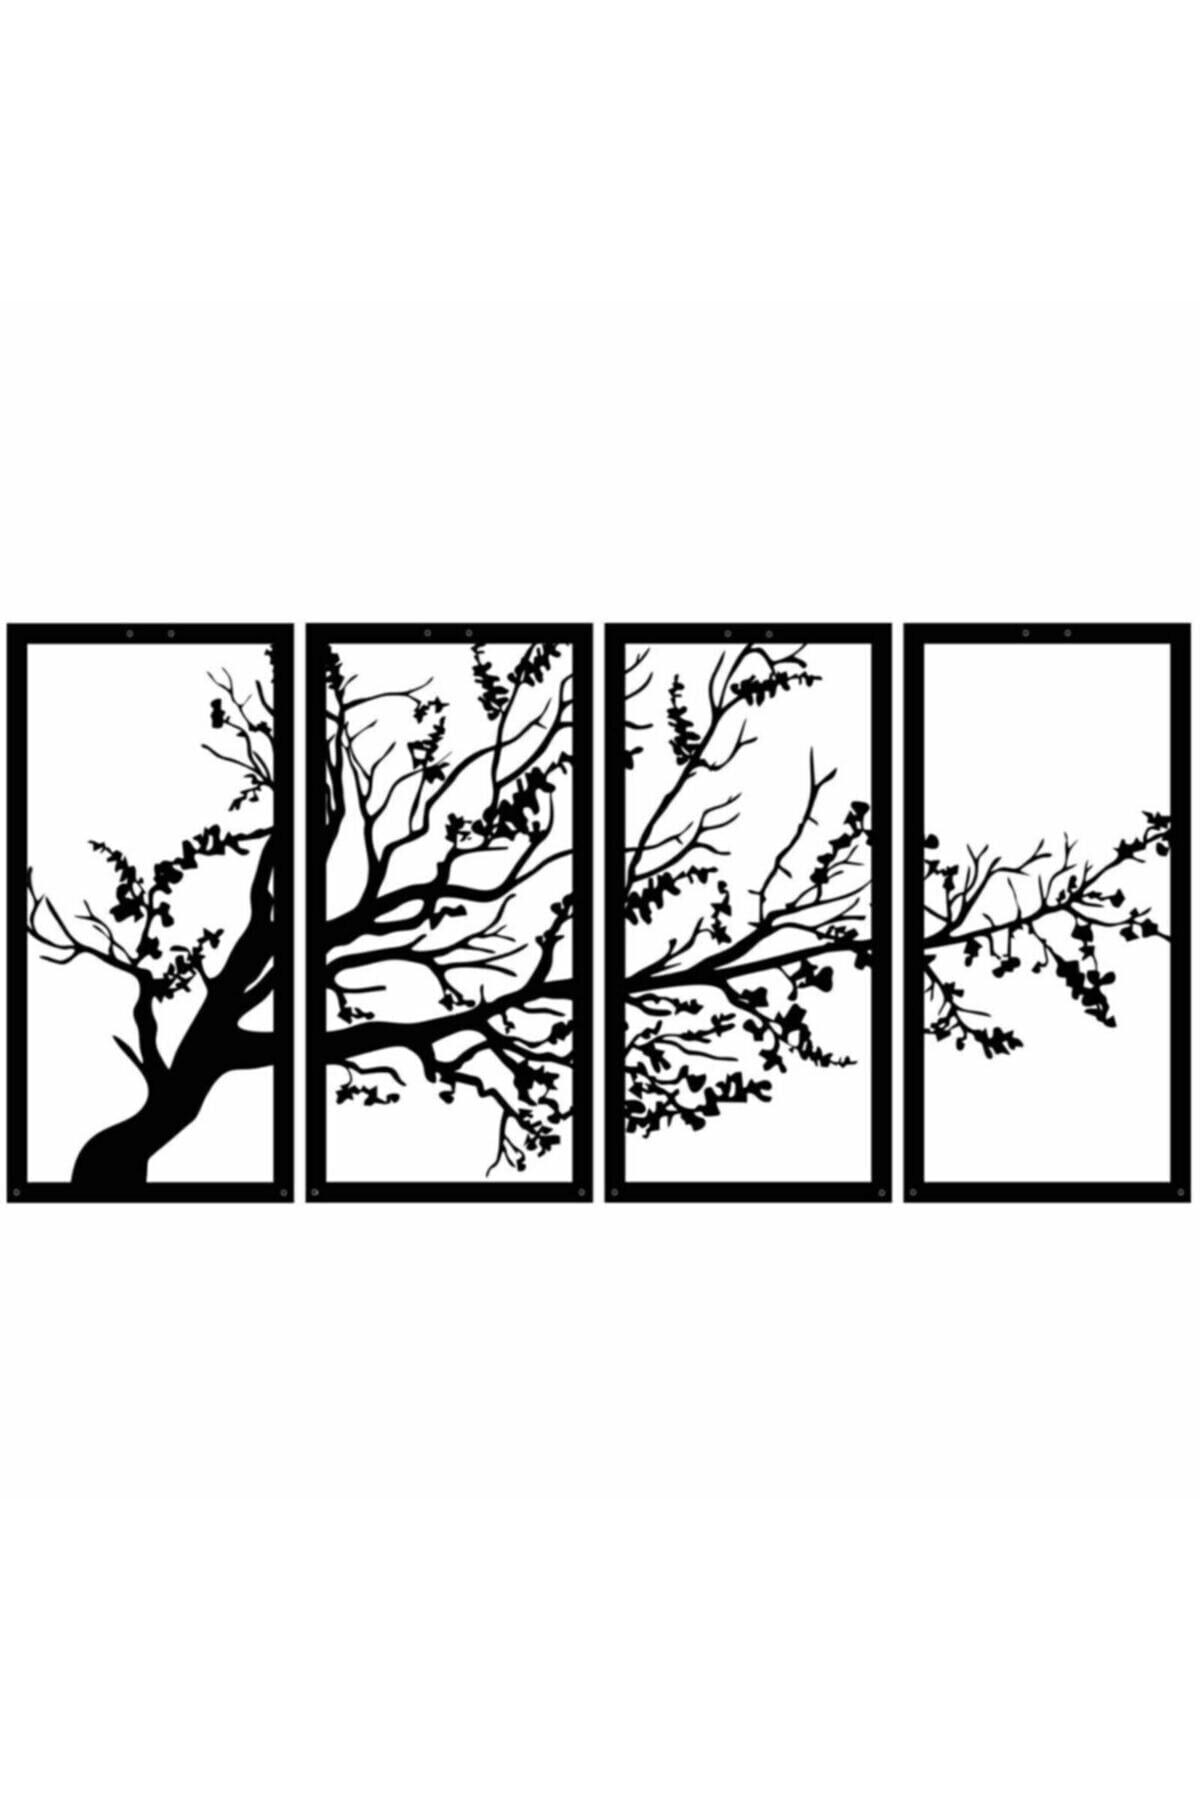 أسود شجرة الحياة الخريف الربيع جدار ديكور صورة 4 قطعة مجموعة خشب أسود قطع الليزر لصائق حلية الجدول تصميم المنزل مكتب غرفة